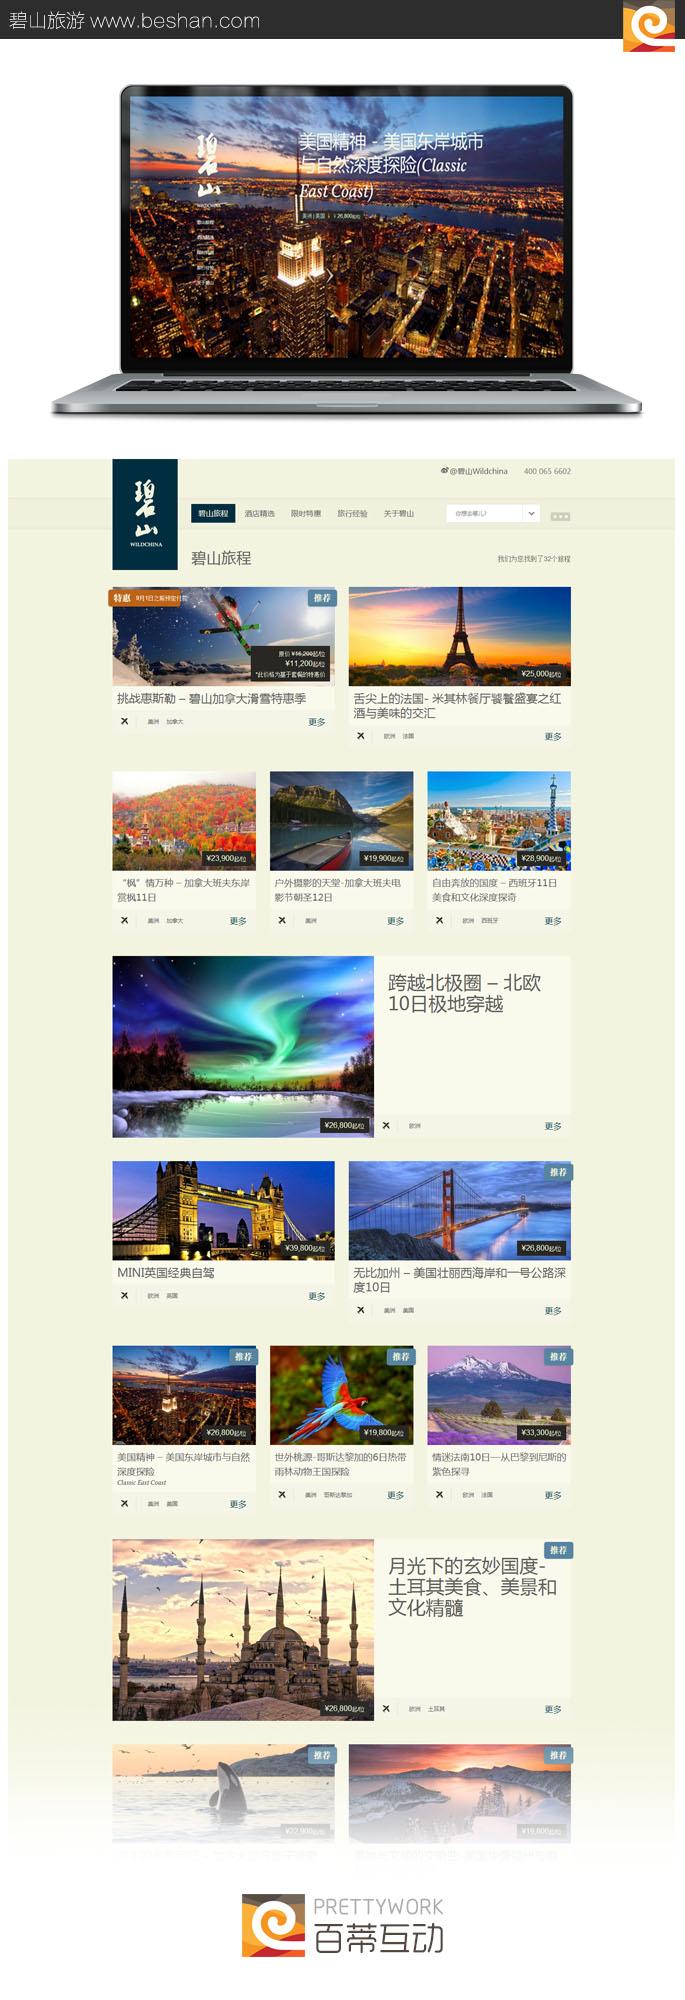 碧山旅游网站设计及开发